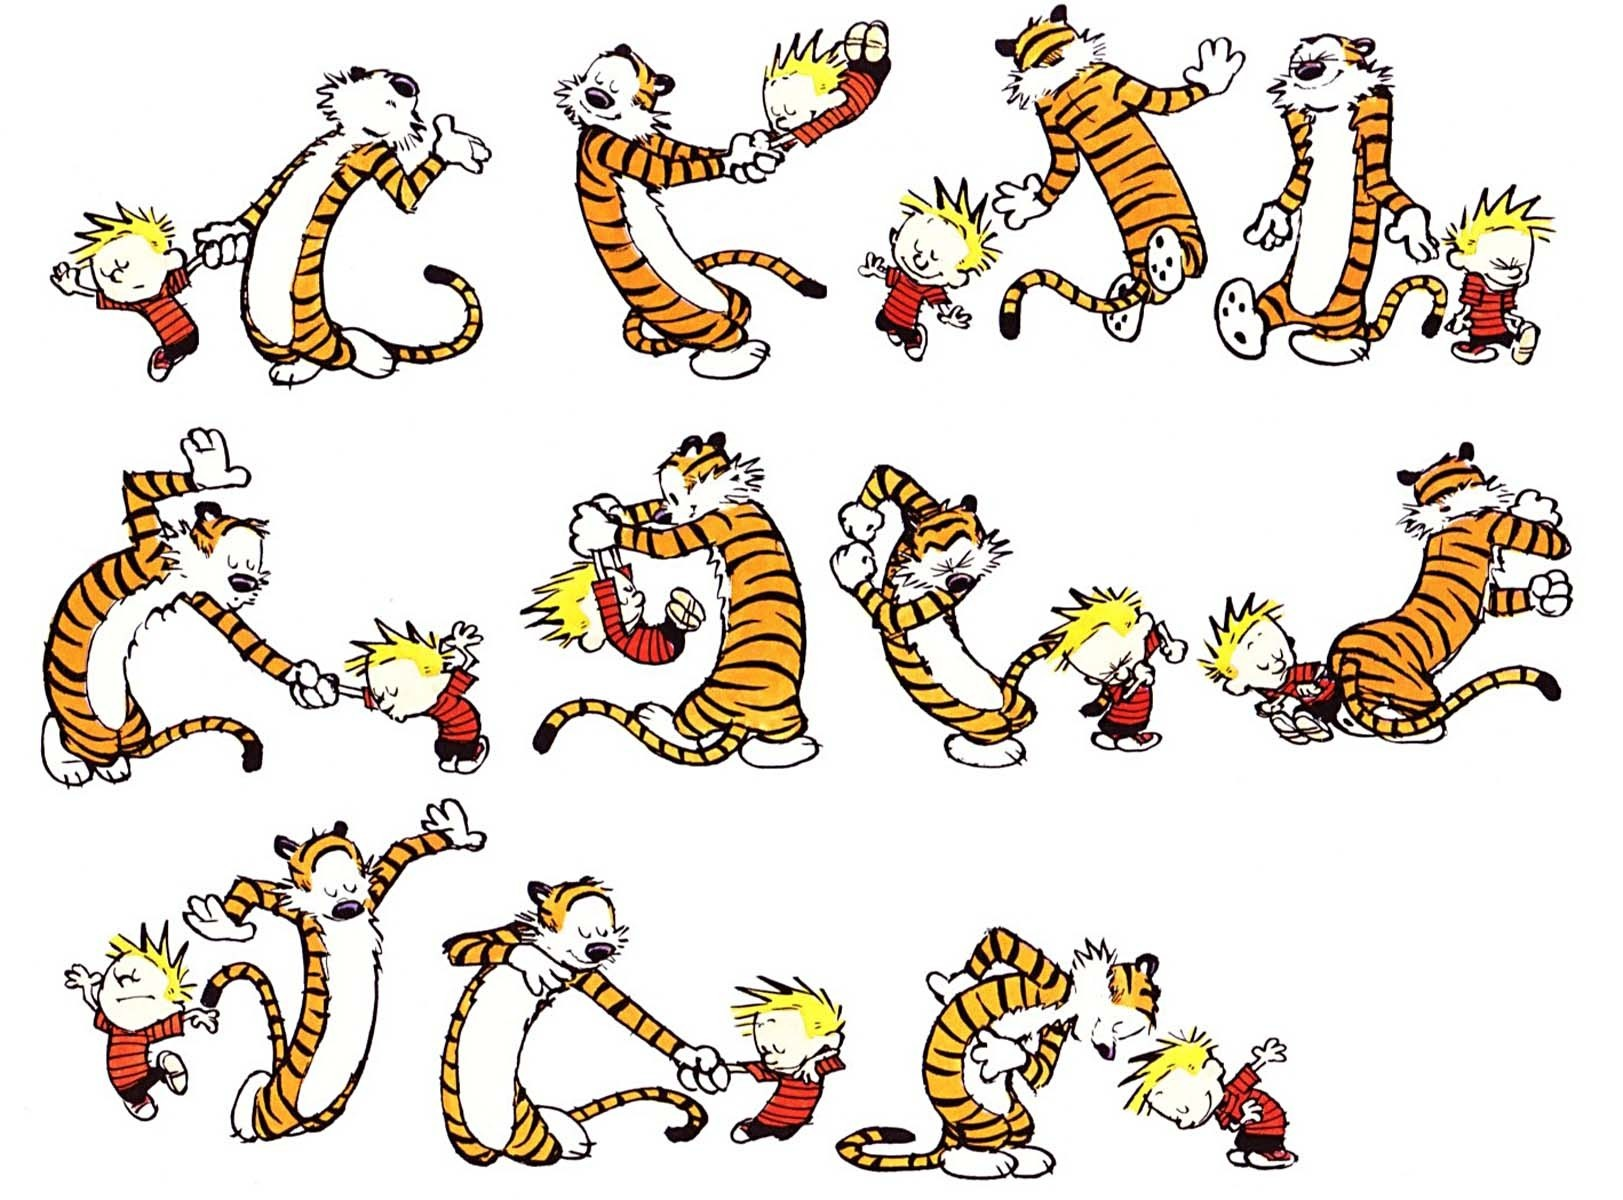 calvin-and-hobbes-dancing-calvin-and-hobbes-1395521-1623-1200.jpg